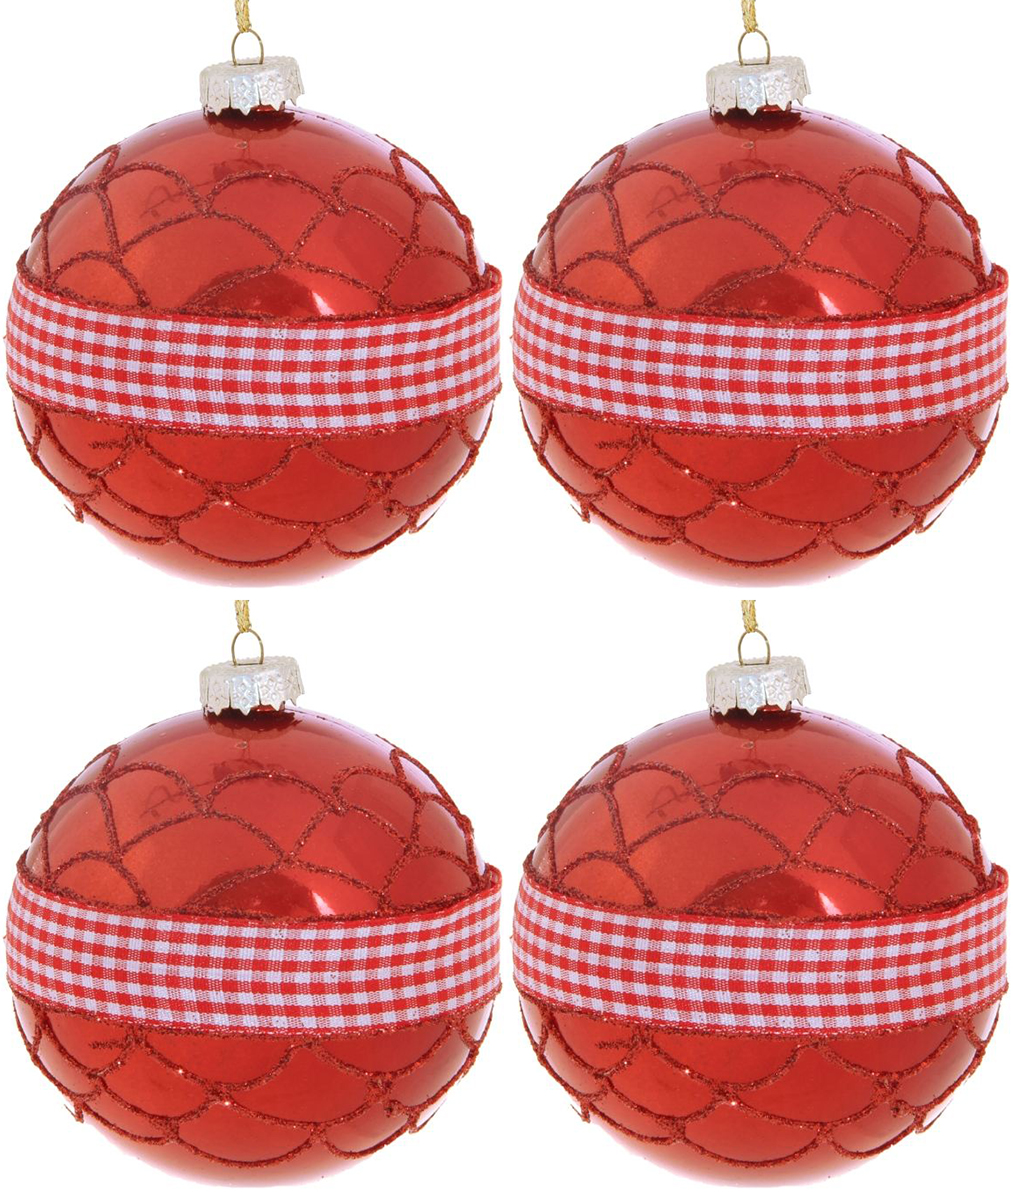 Набор новогодних подвесных украшений Sima-land Красная вставка. Клетка, диаметр 8 см, 4 шт набор новогодних подвесных украшений sima land гранд елочка диаметр 8 см 6 шт